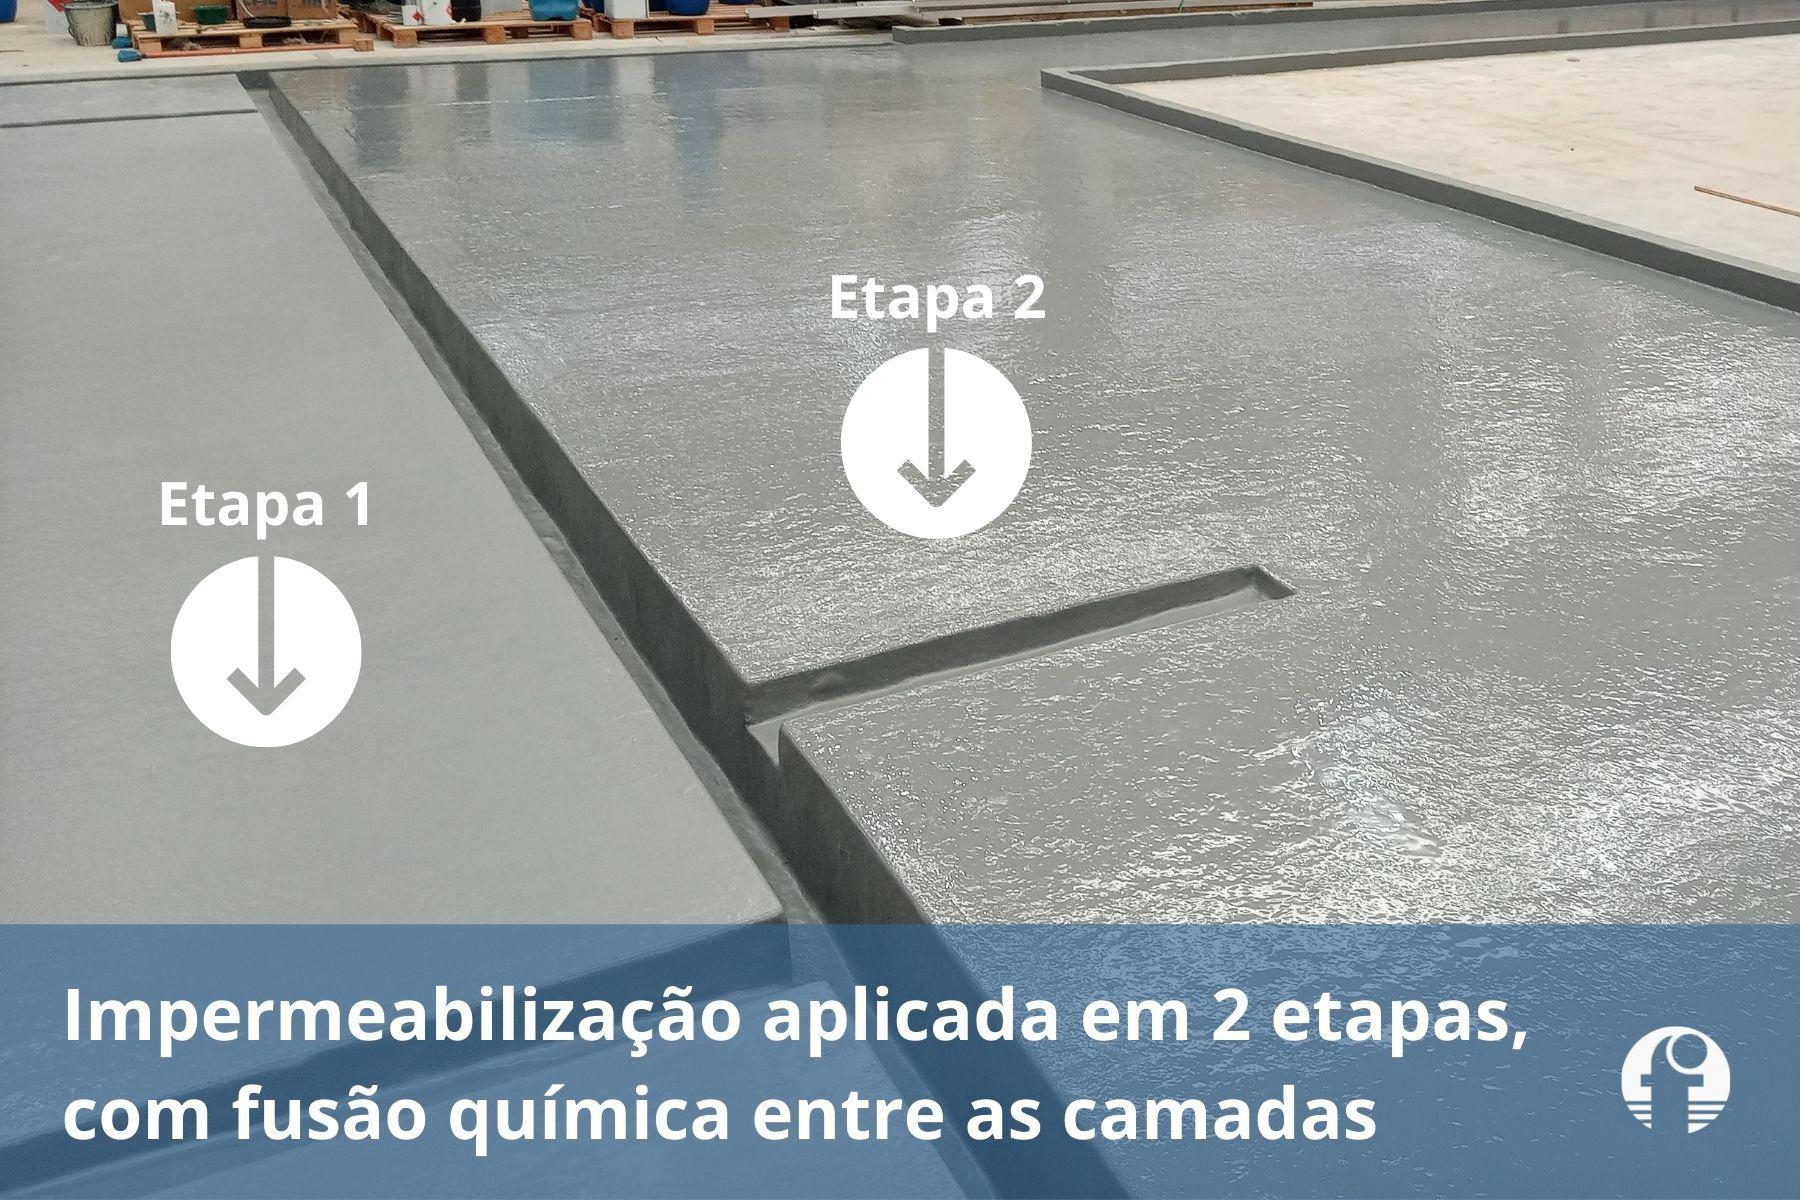 impermeabilização de bacia de contenção química tanque